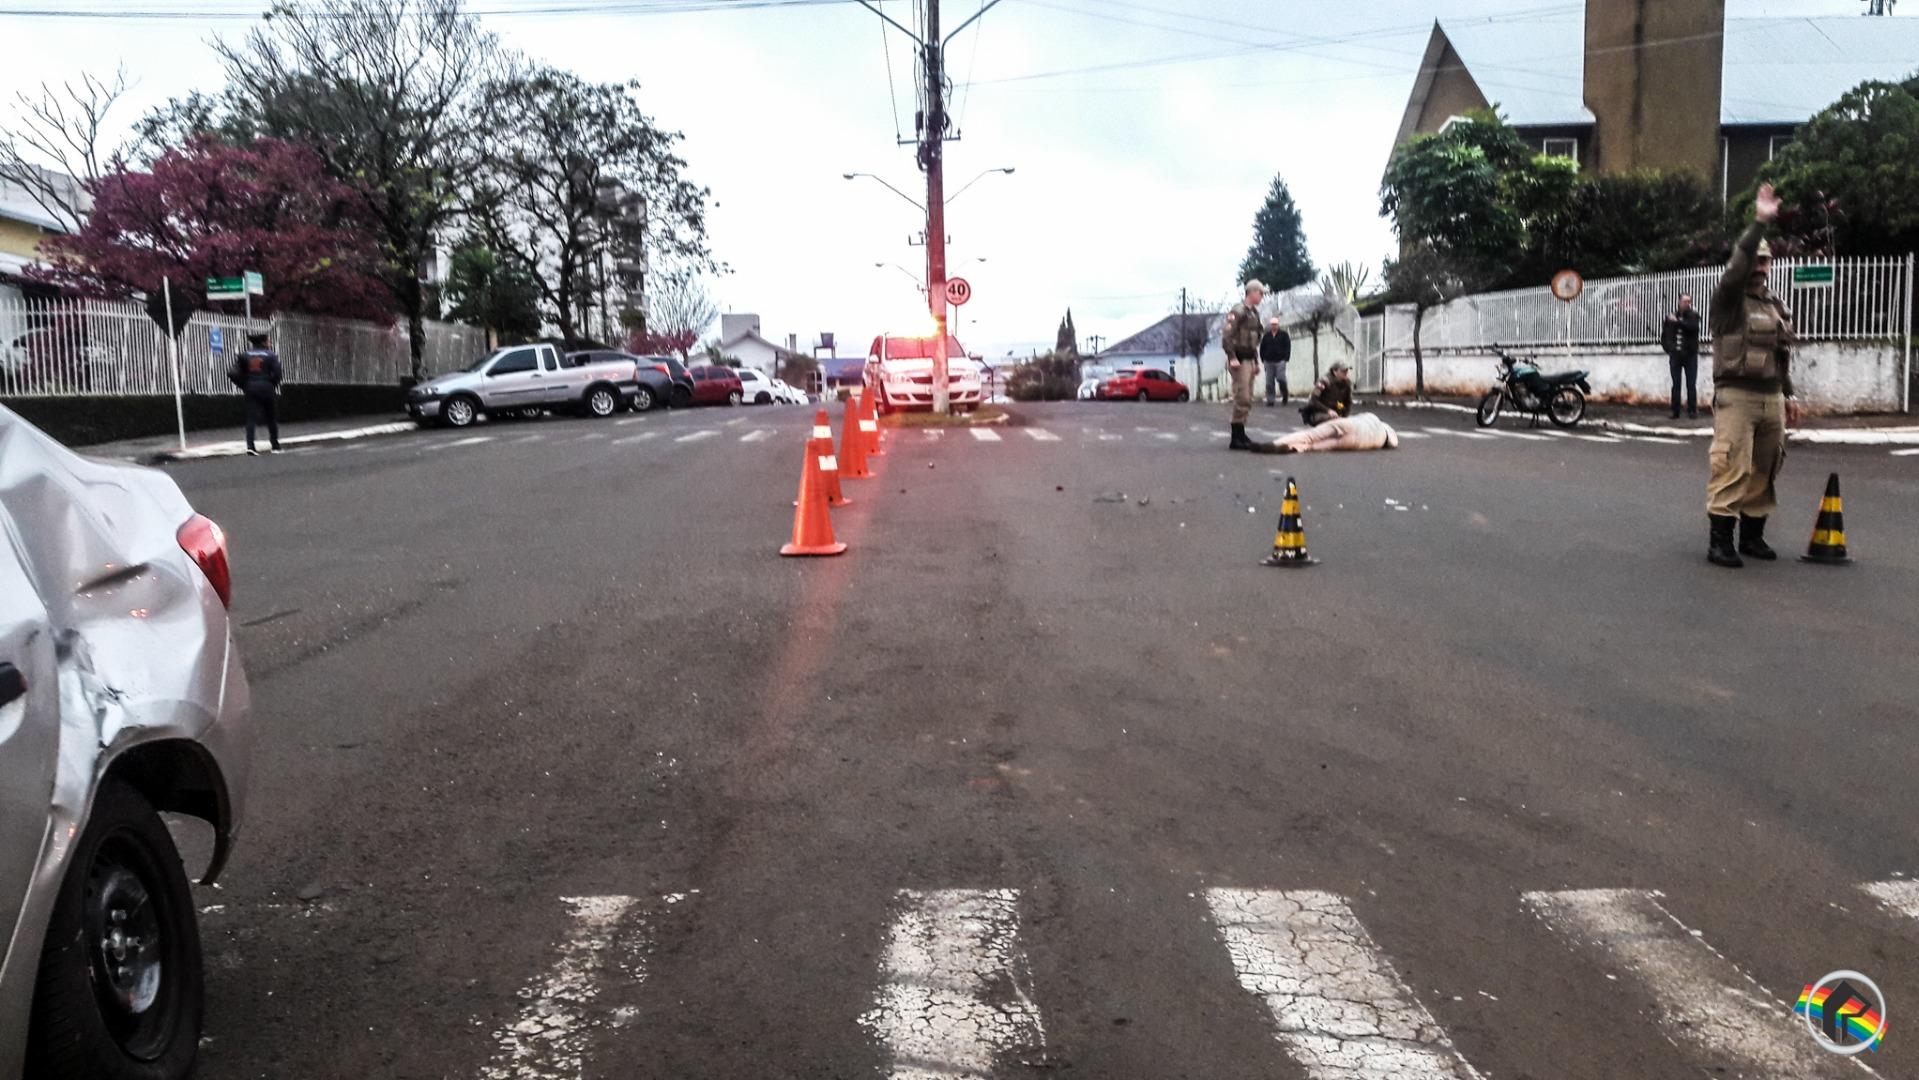 VÍDEO: Colisão deixa motociclista ferido no centro do município